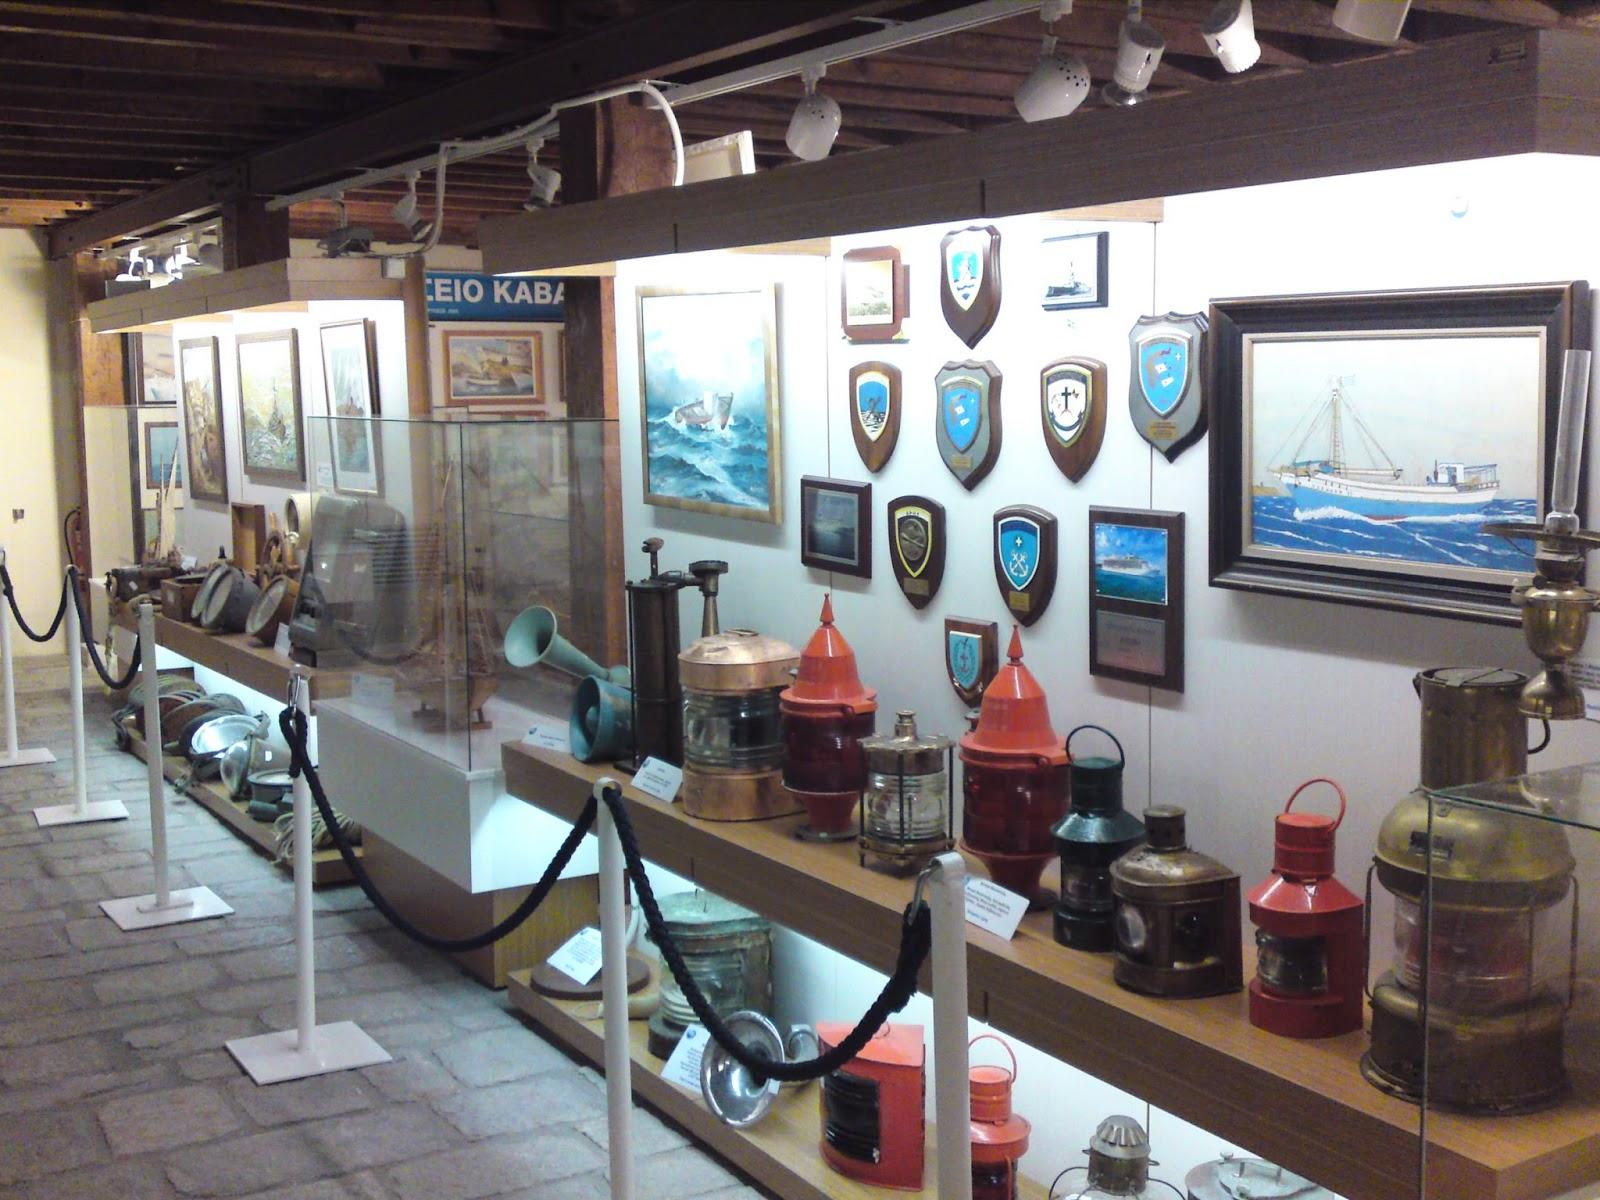 Αποτέλεσμα εικόνας για ναυτικό μουσείο καβάλας